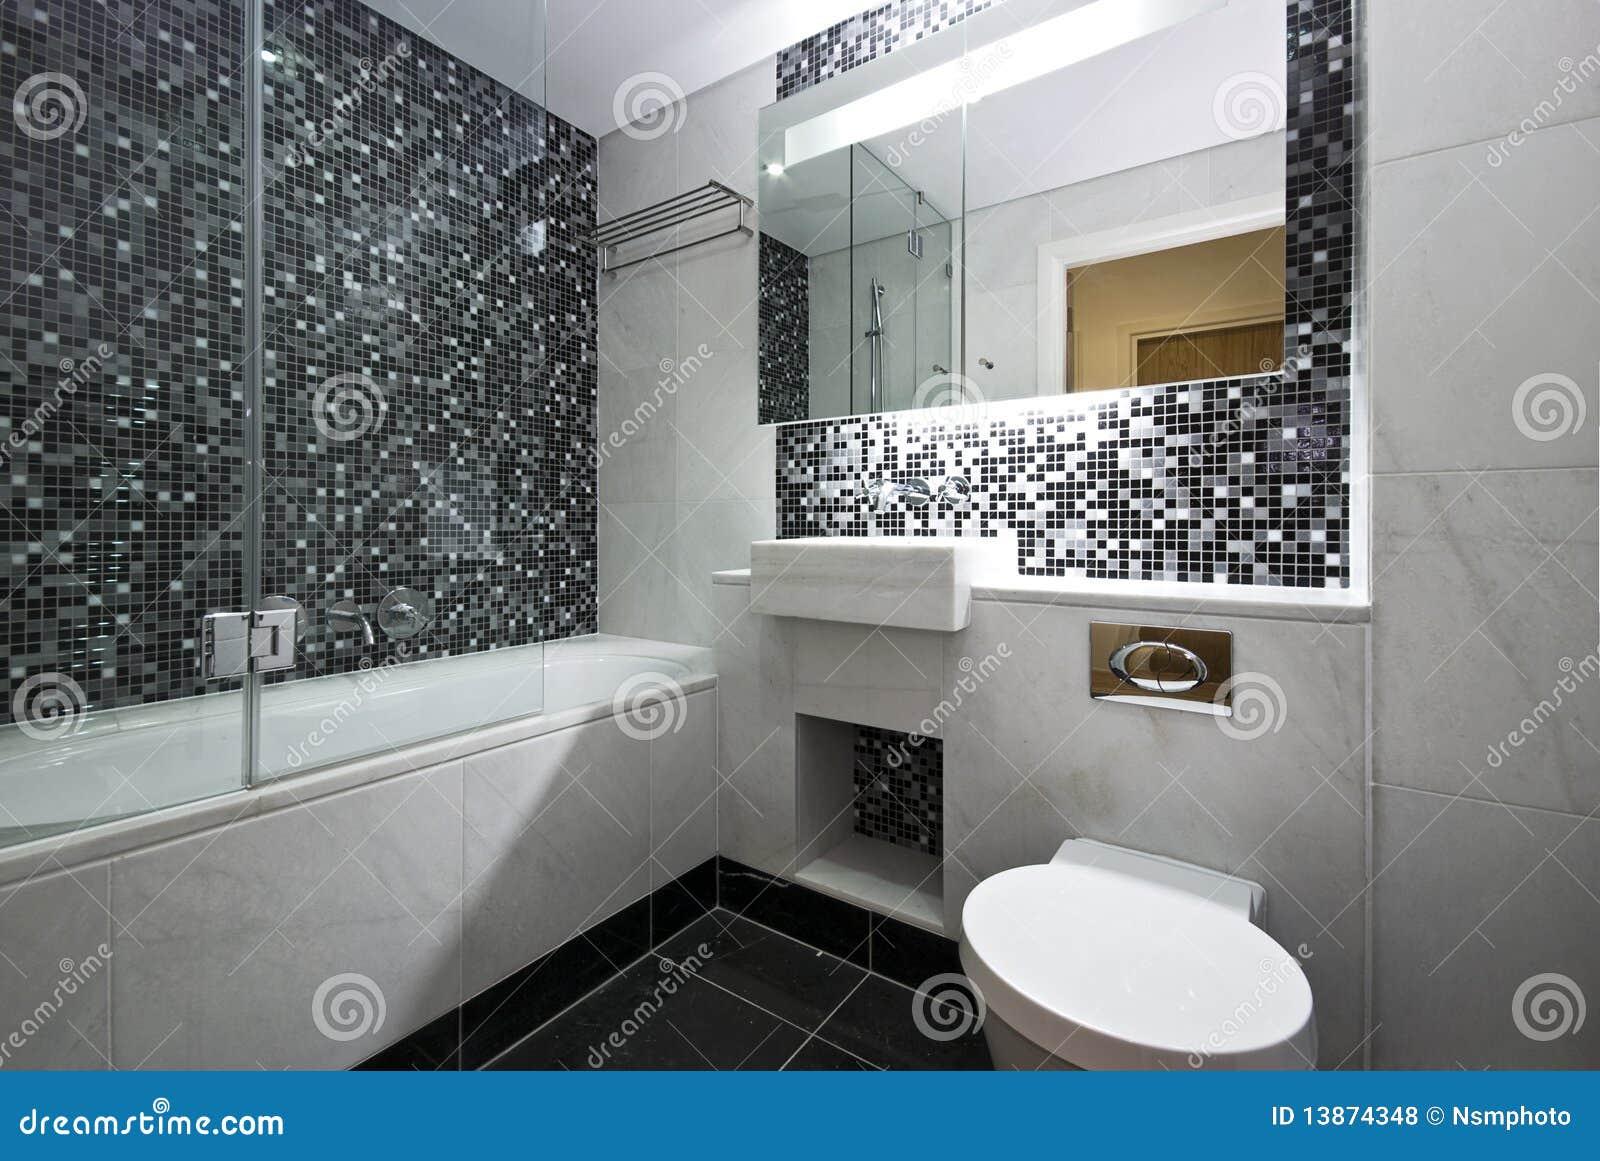 Salle de bains contemporaine d 39 en suite en noir et blanc for Photo salle de bain contemporaine